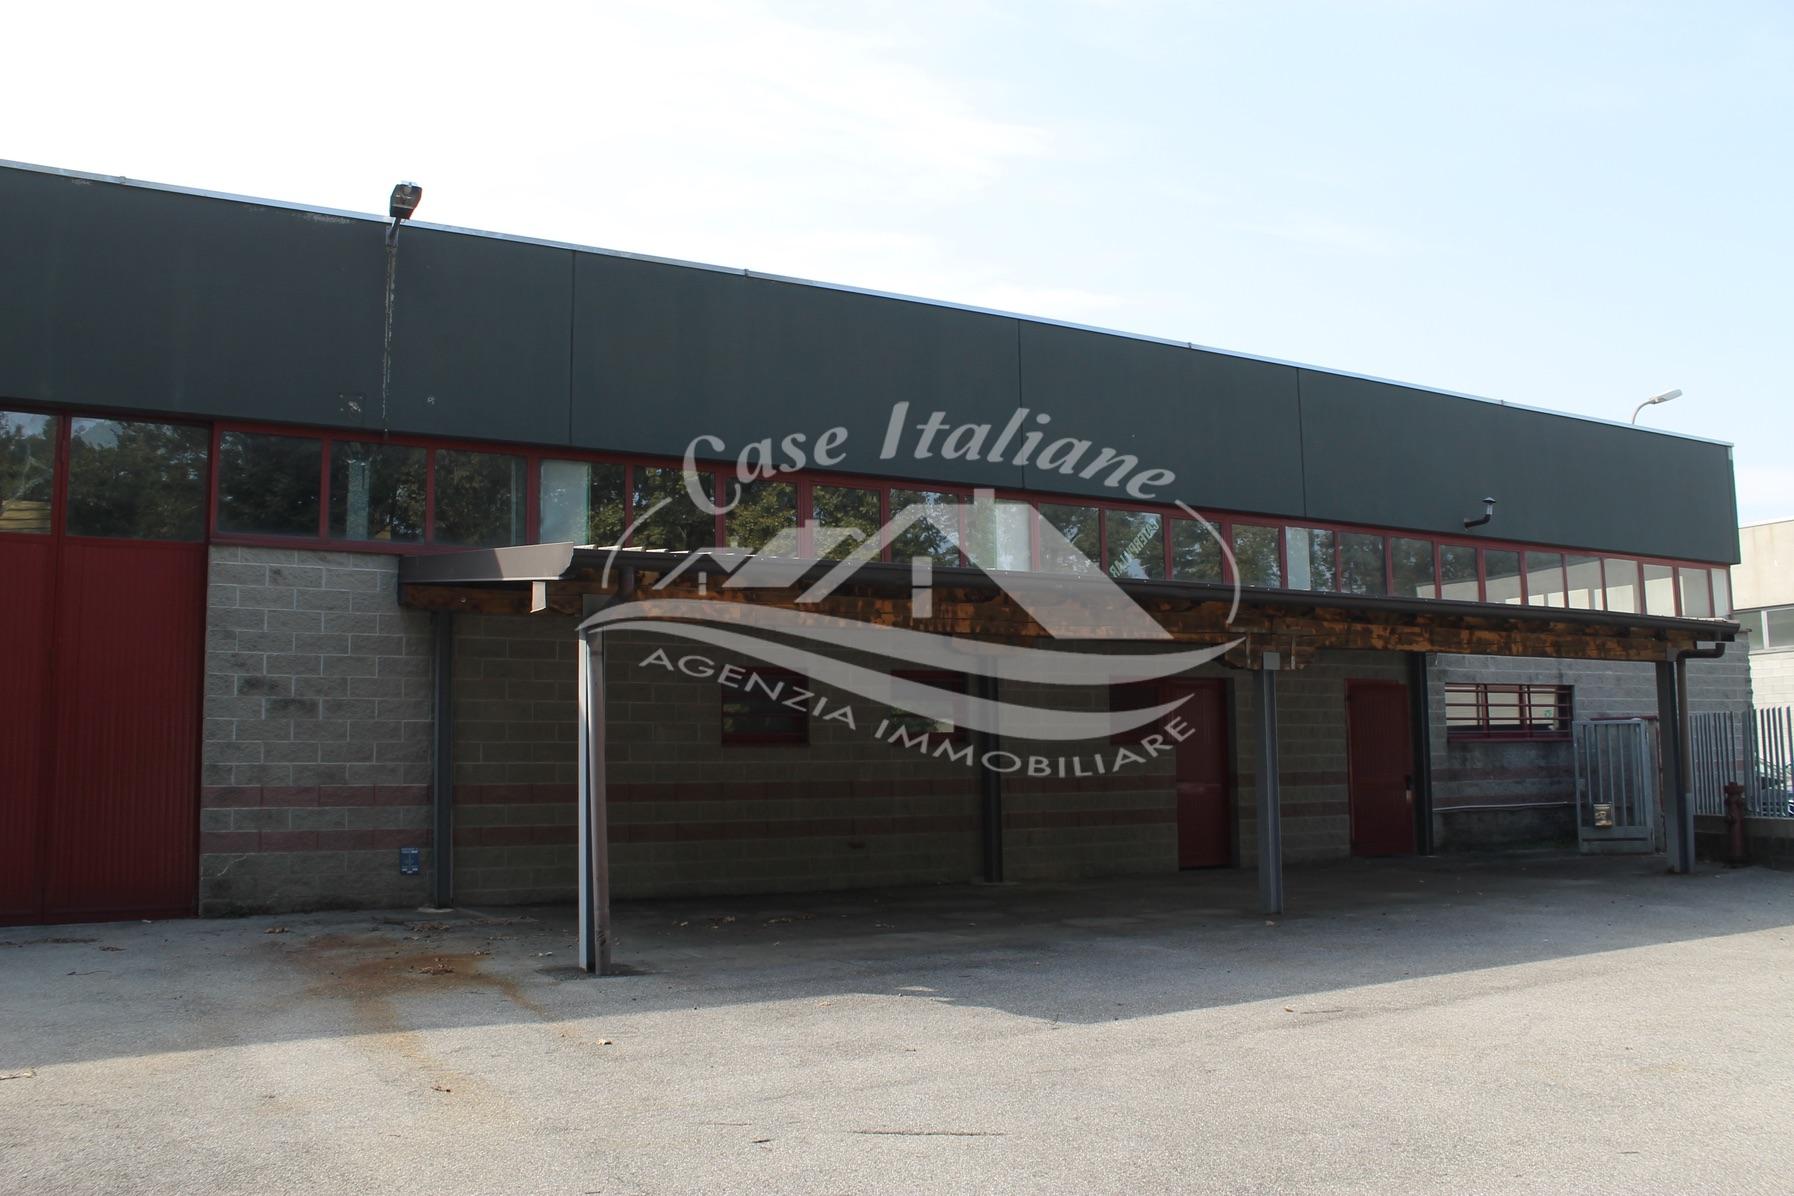 Img 8644 case italiane agenzia immobiliare cant for Case italiane